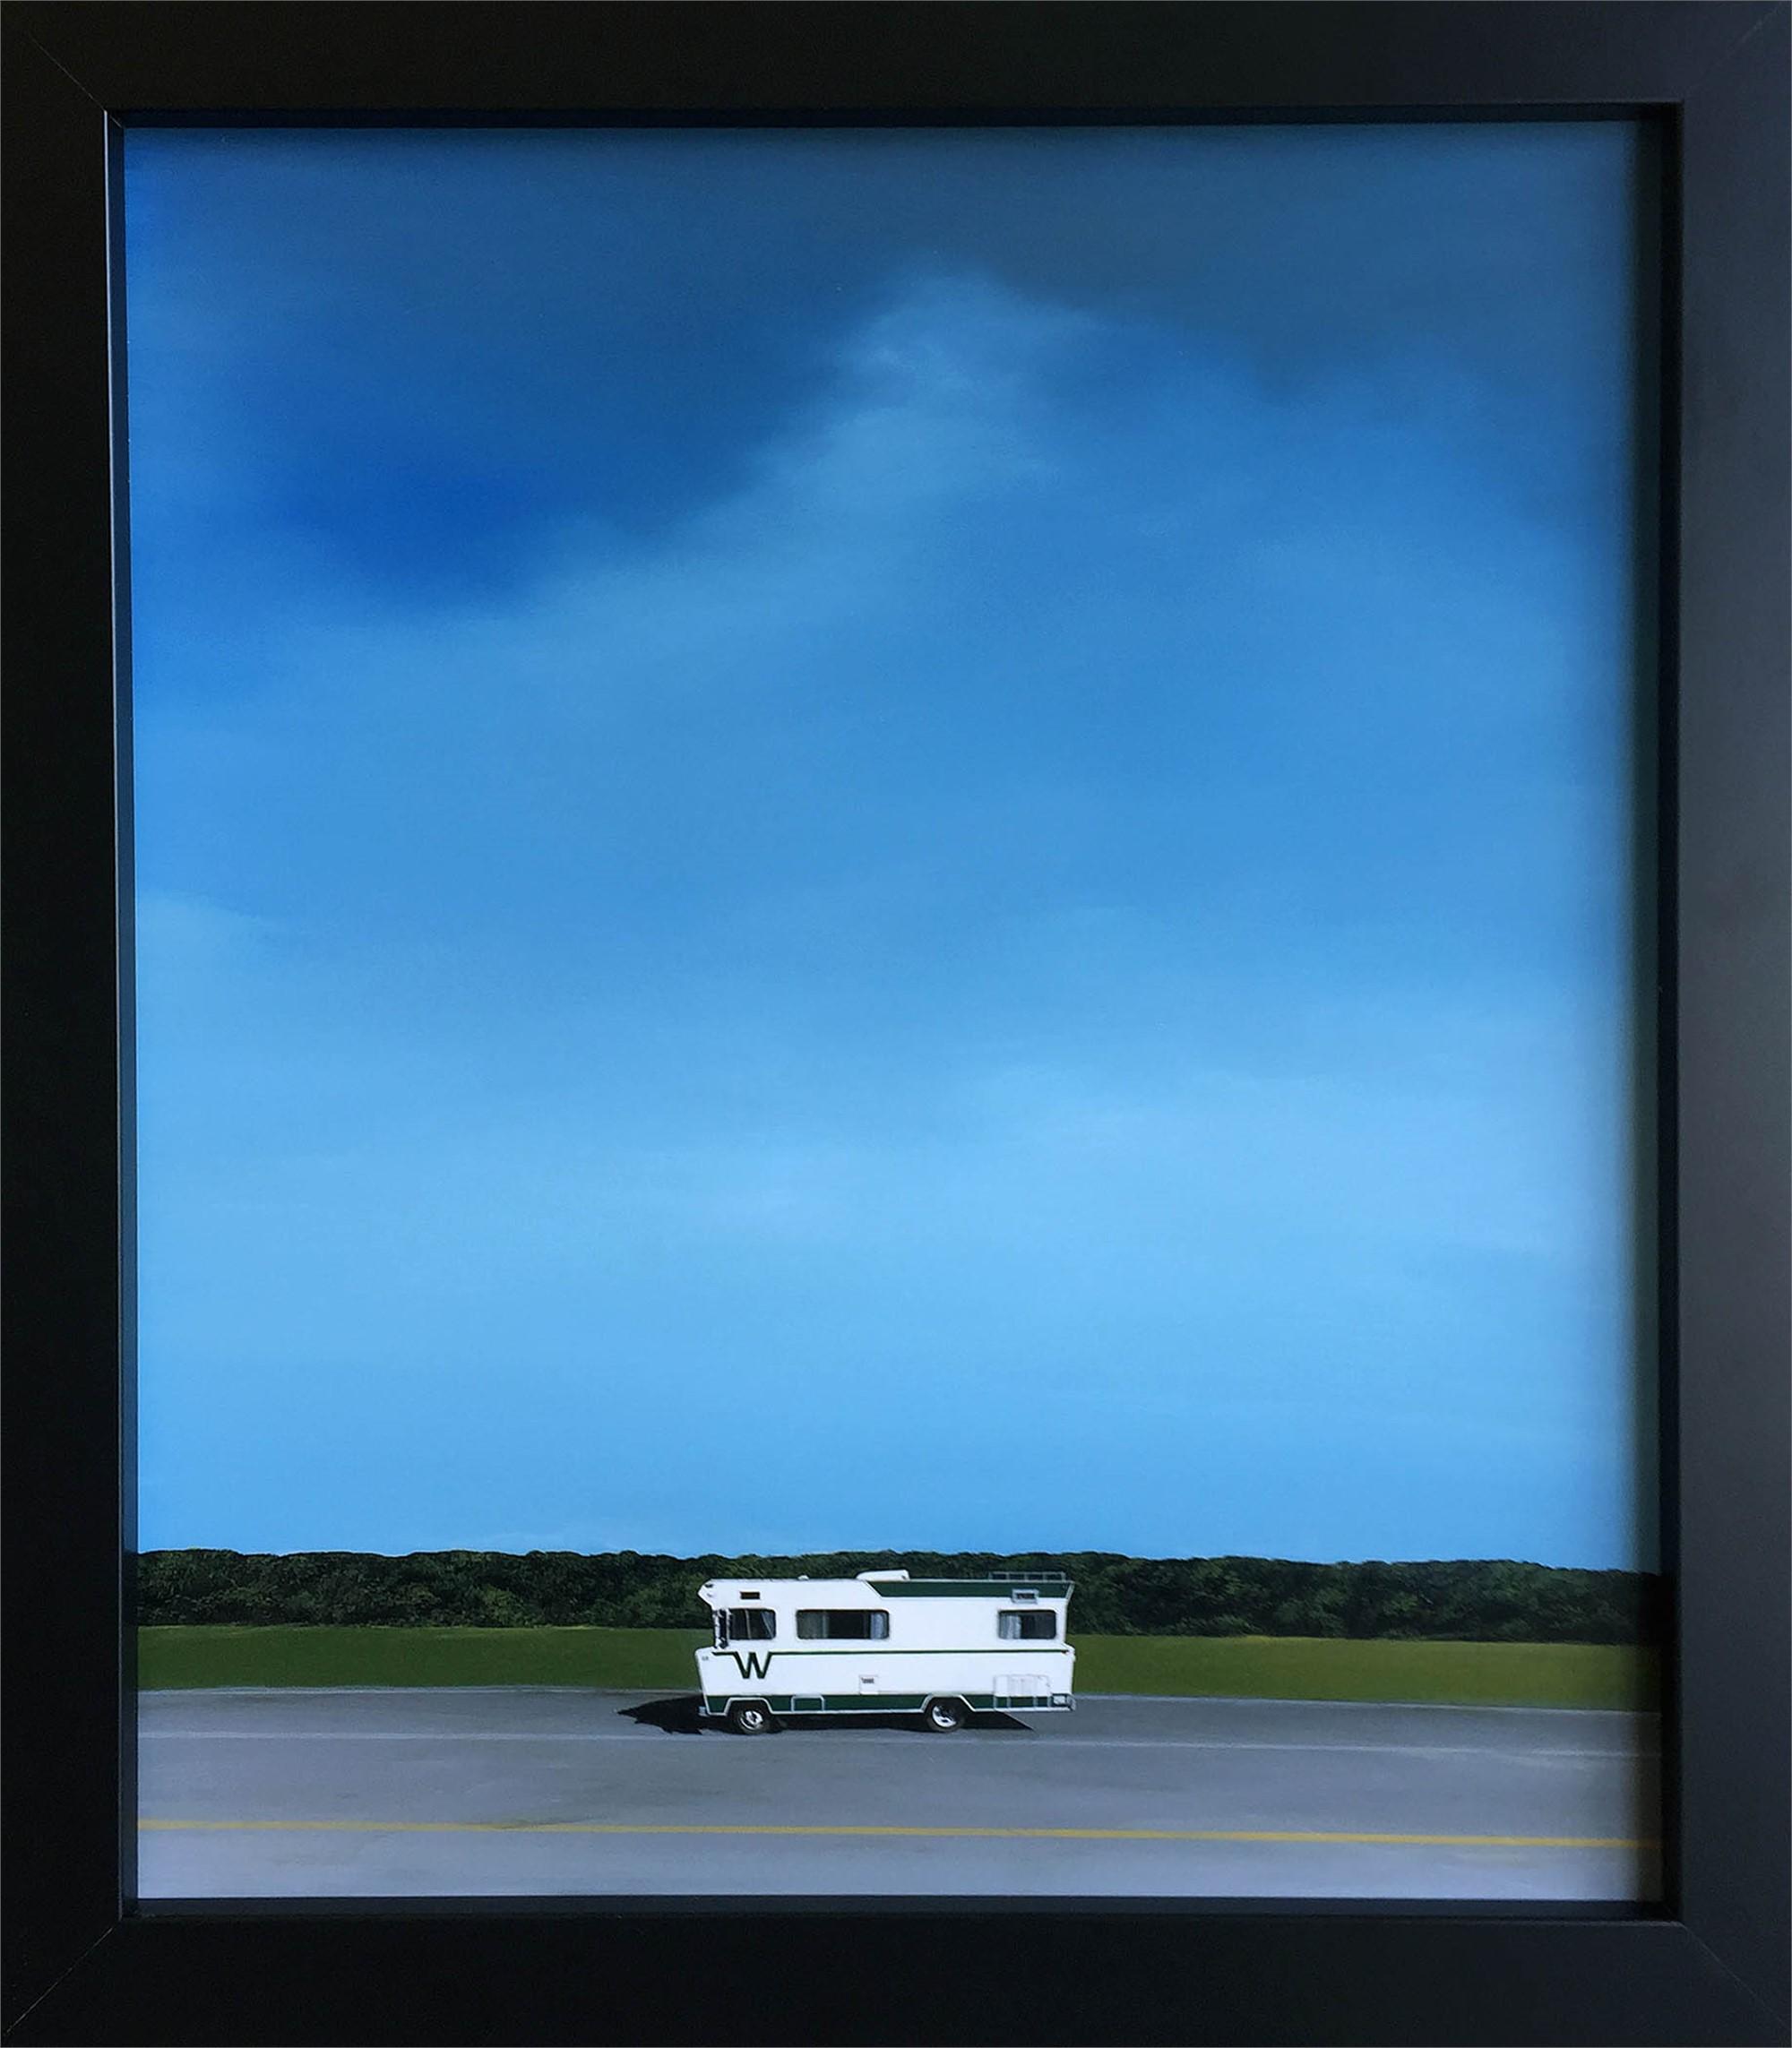 Retro Road Trippin' by Scott Steele